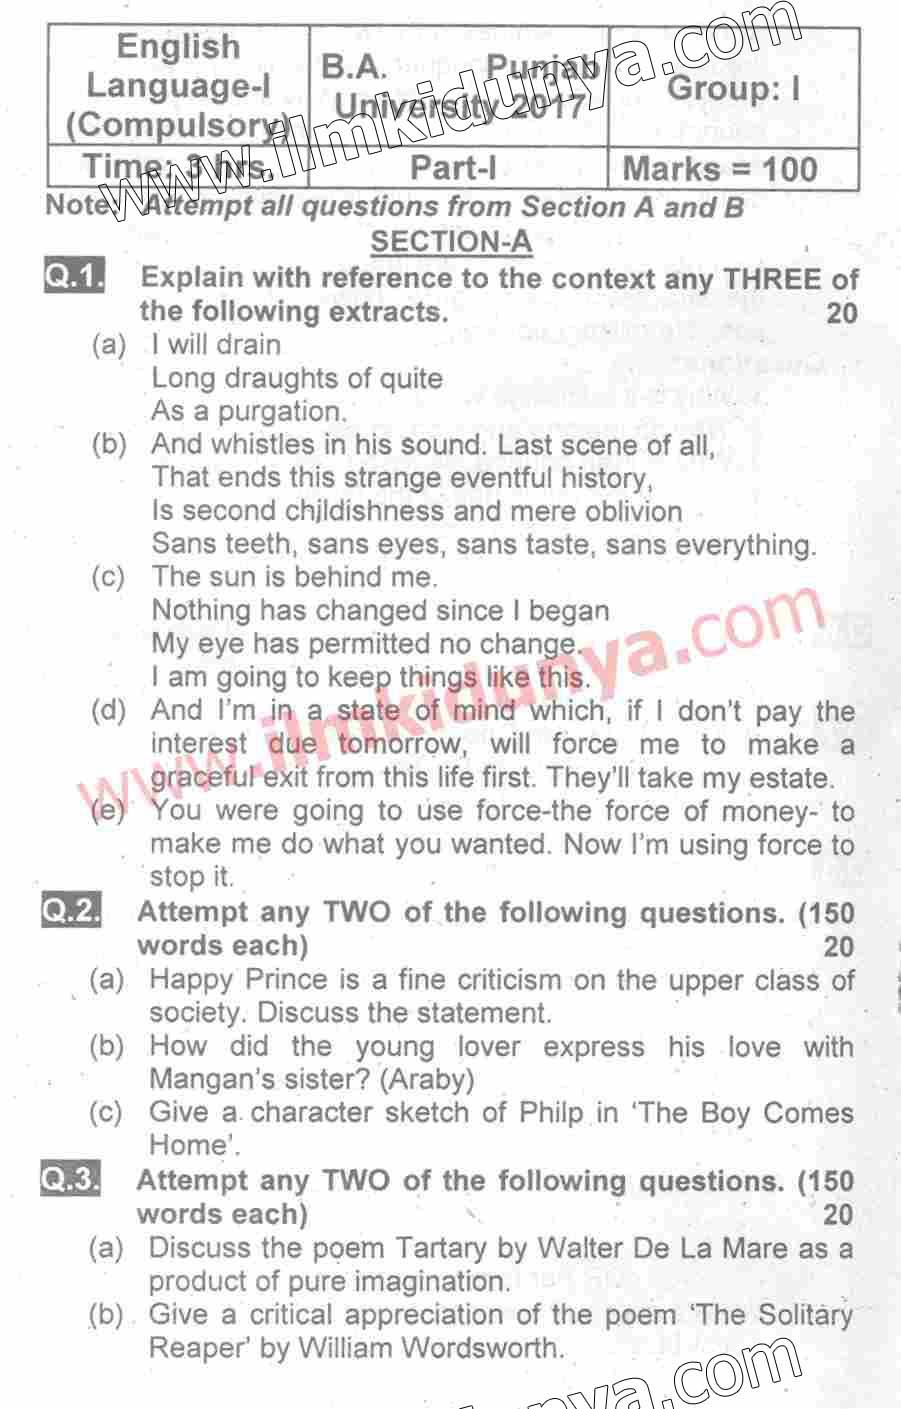 b a past paper Shayan hameed 28 / apr / 2018 yaha pr koi jawab hi nai detaor past paperr 2017 add krienba english literature k past paper b add krein please.